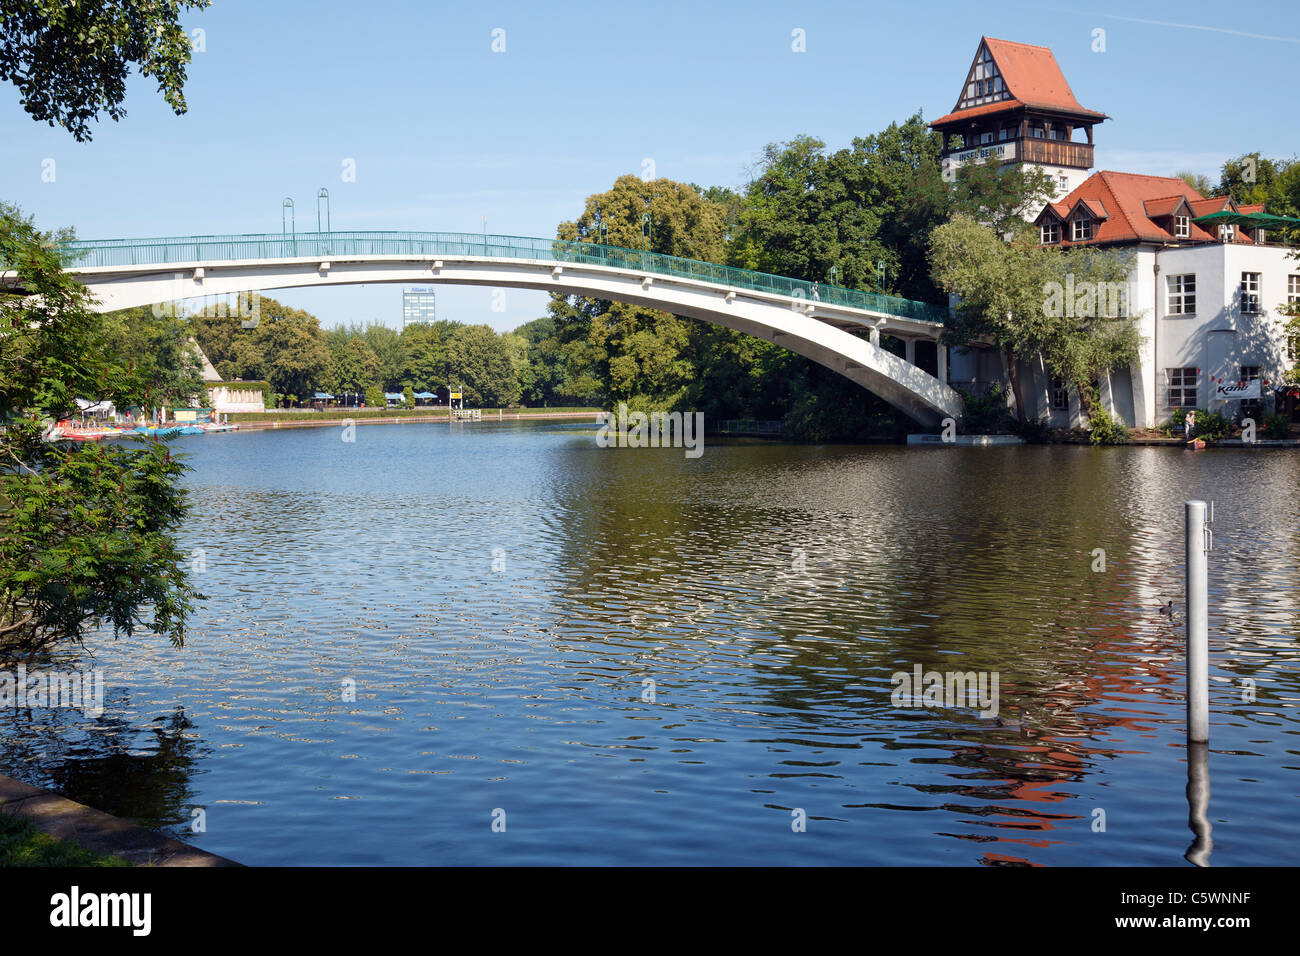 Abteibrücke, Insel der Jugend, Berlin, Germany Stockbild